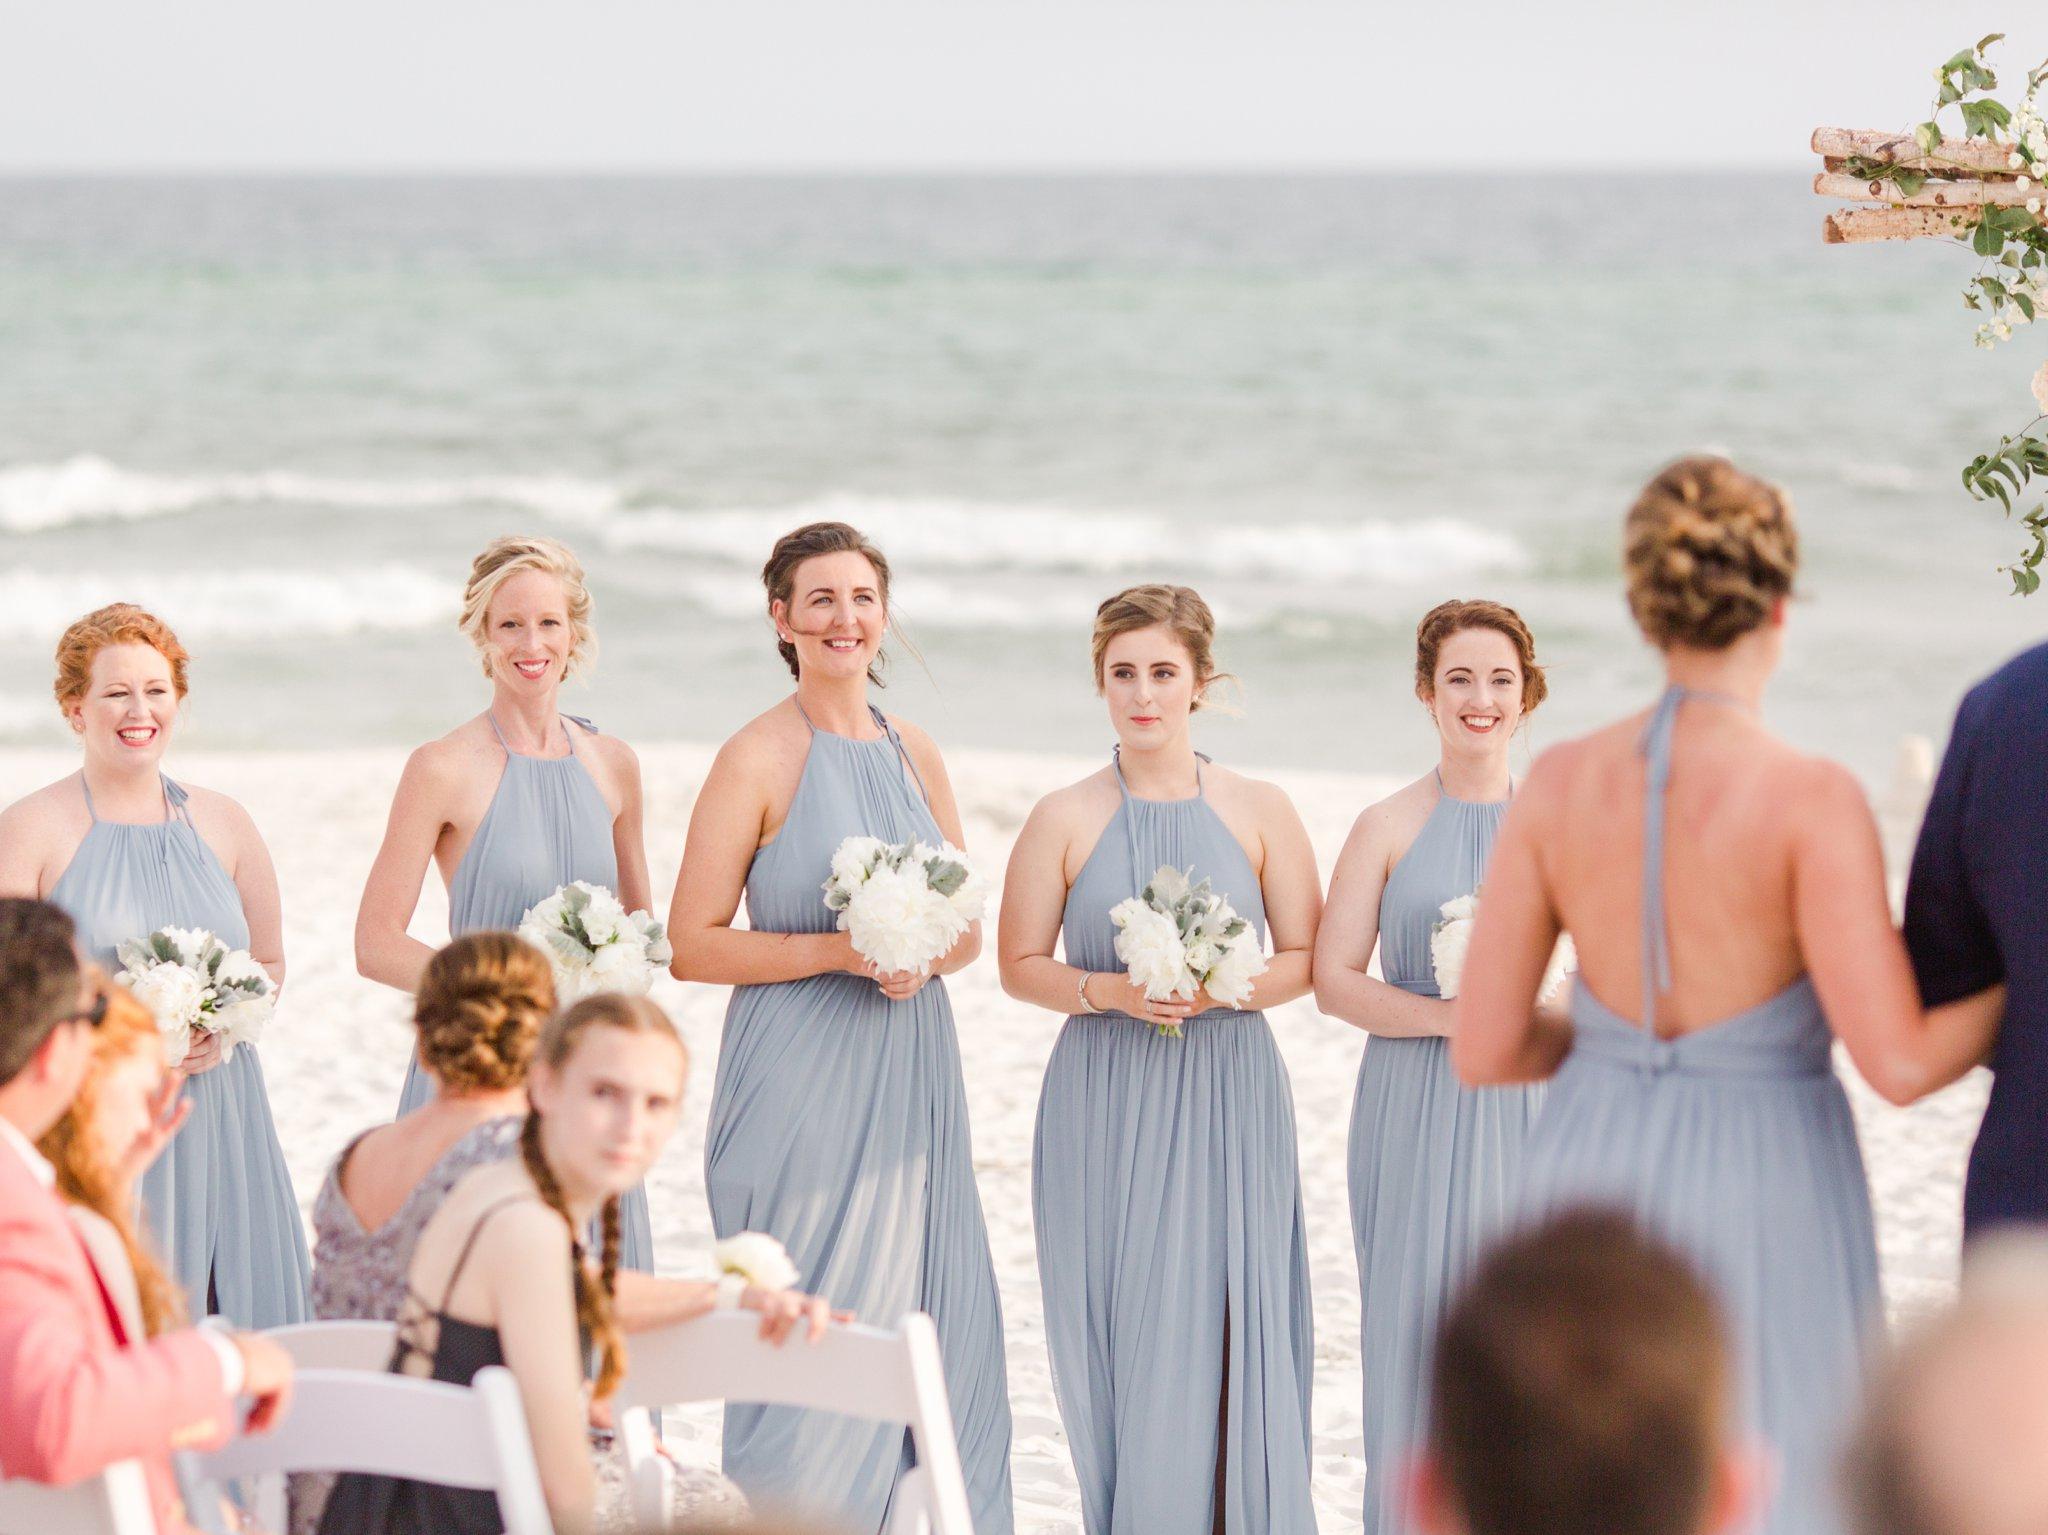 carillon beach wedding photographer shannon griffin photographer_0004.jpg